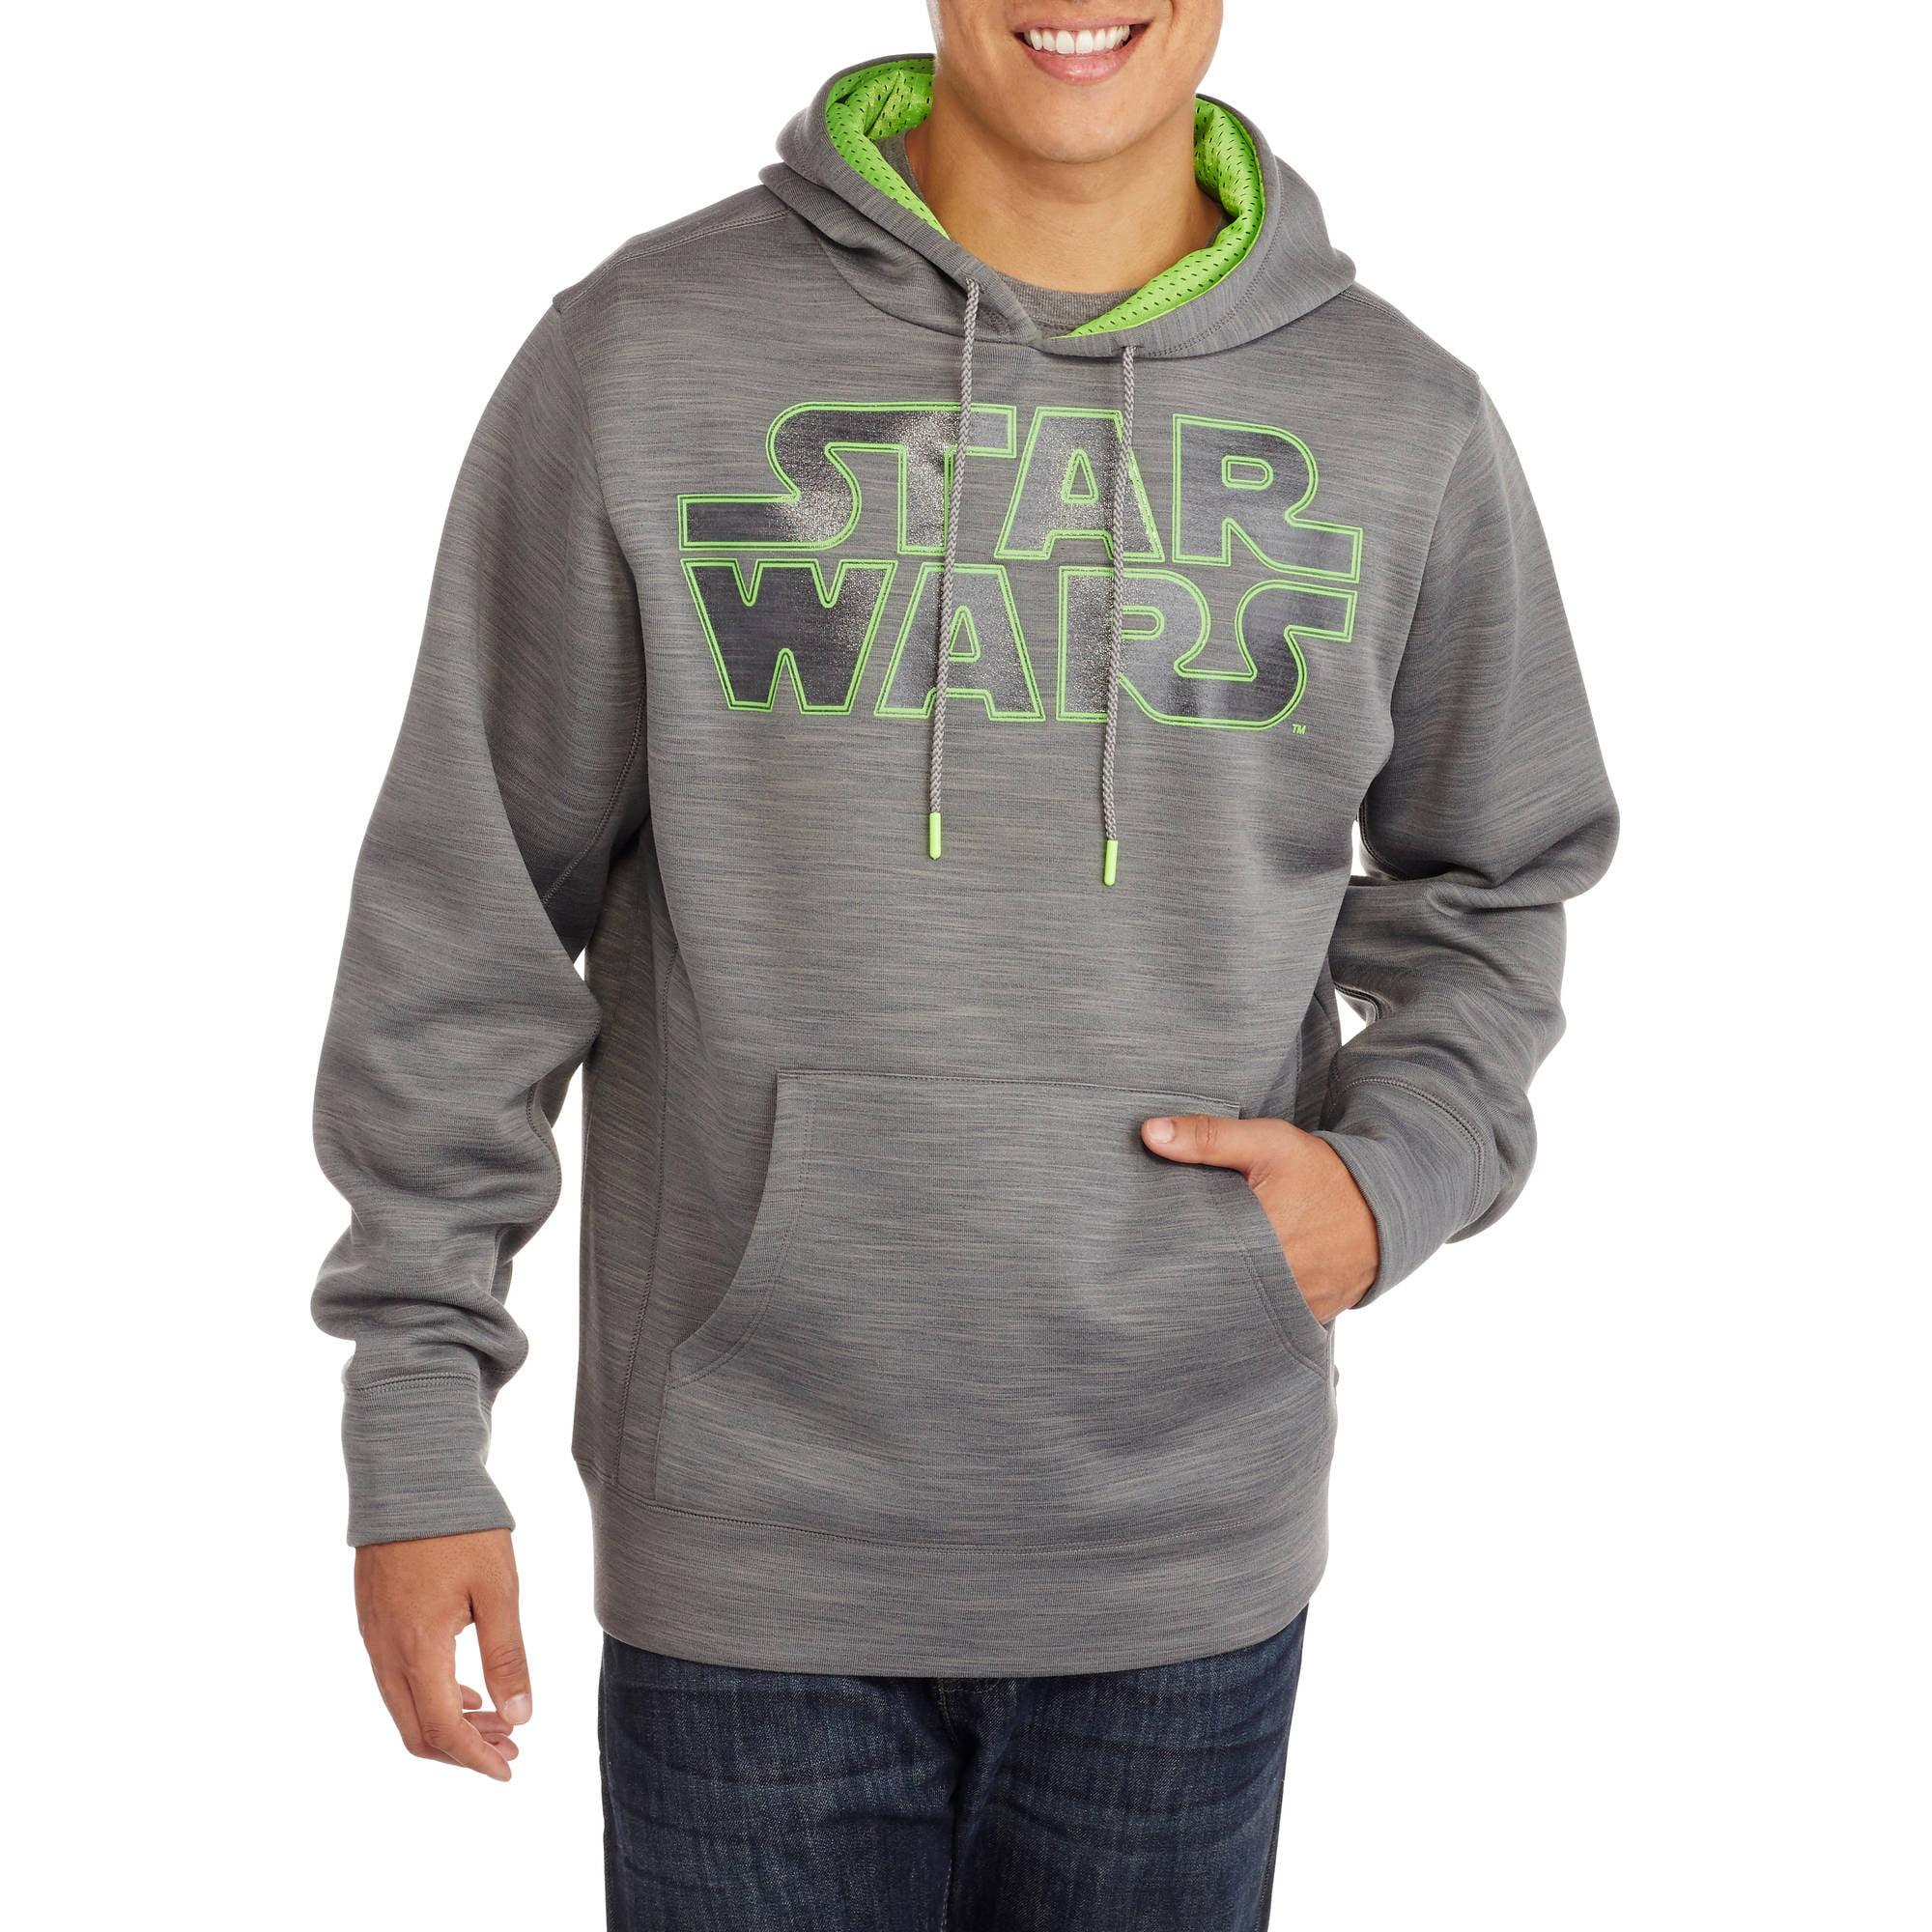 Star Wars Big Men's Glow in the Dark Poly Fleece Pullover Hoodie, 2XL